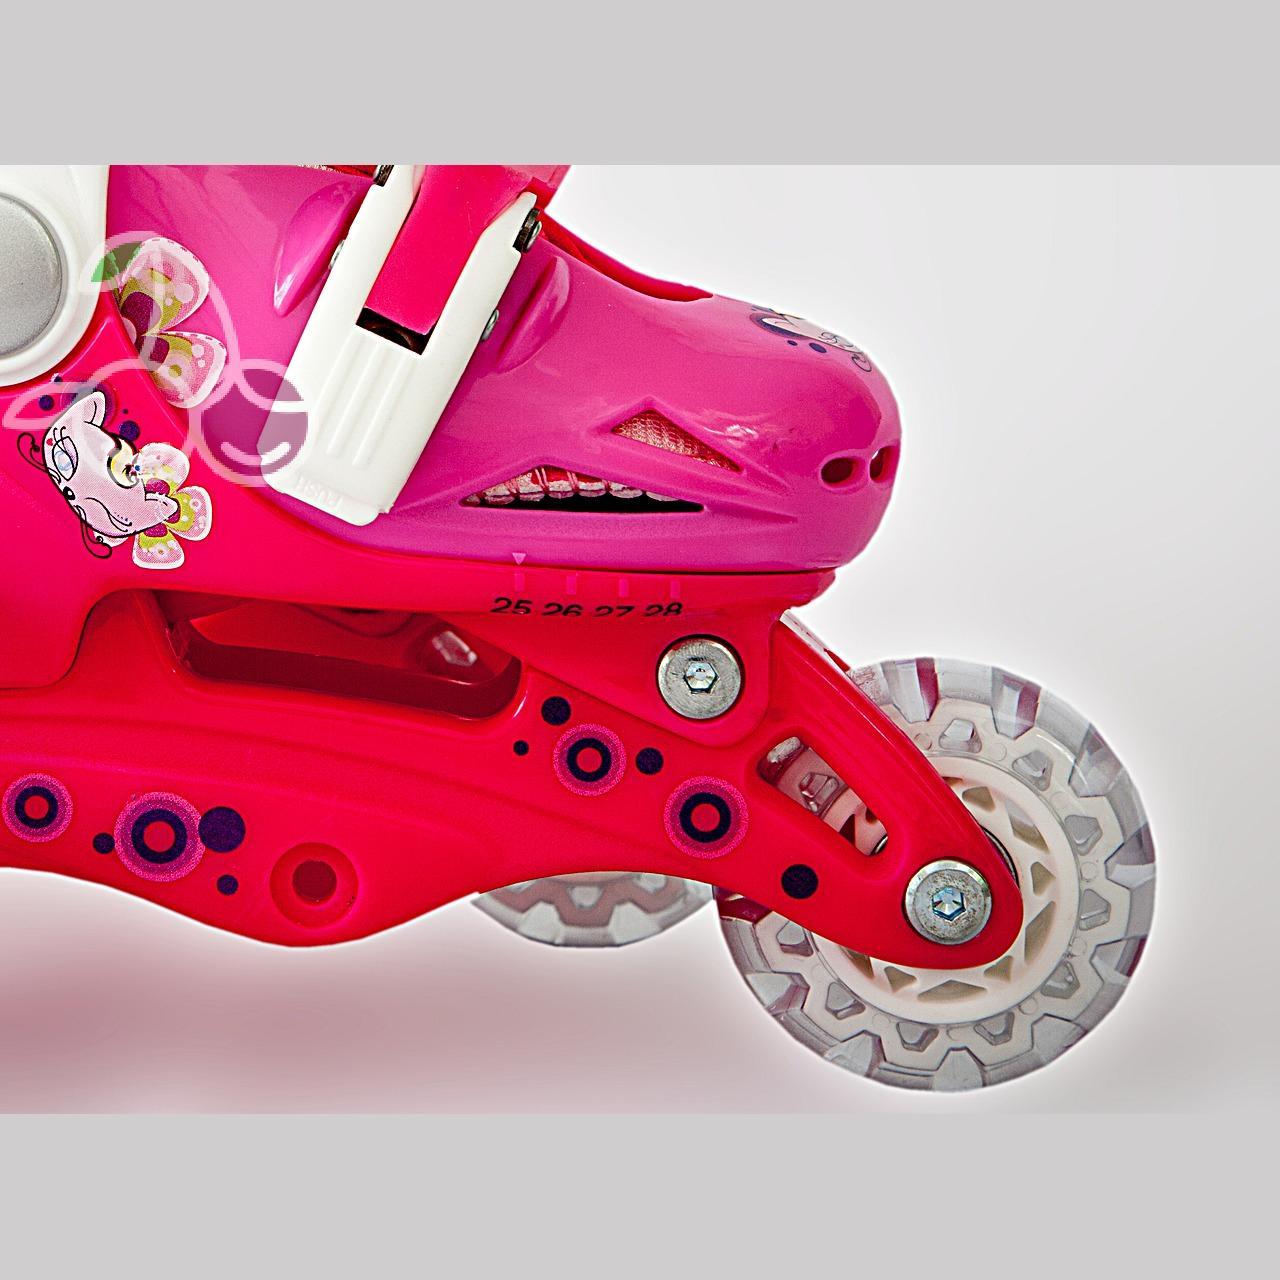 Роликовые коньки детские 27 размер, для обучения (трансформеры, раздвижной ботинок) MagicWheels розовые, - фото 6